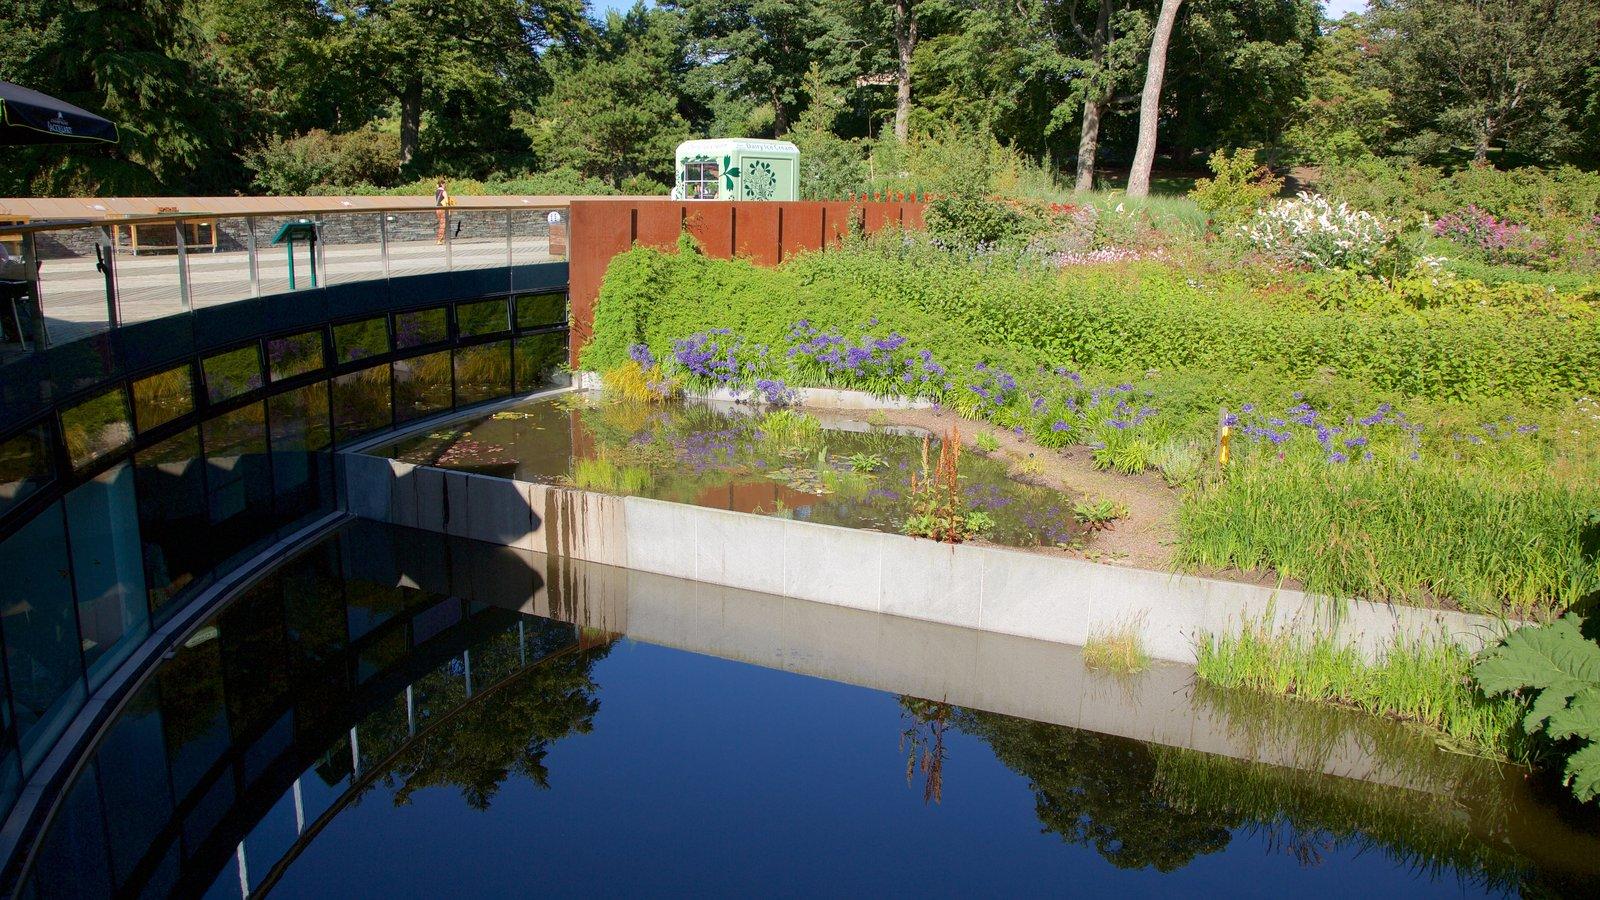 Real Jardín Botánico mostrando un estanque y un jardín